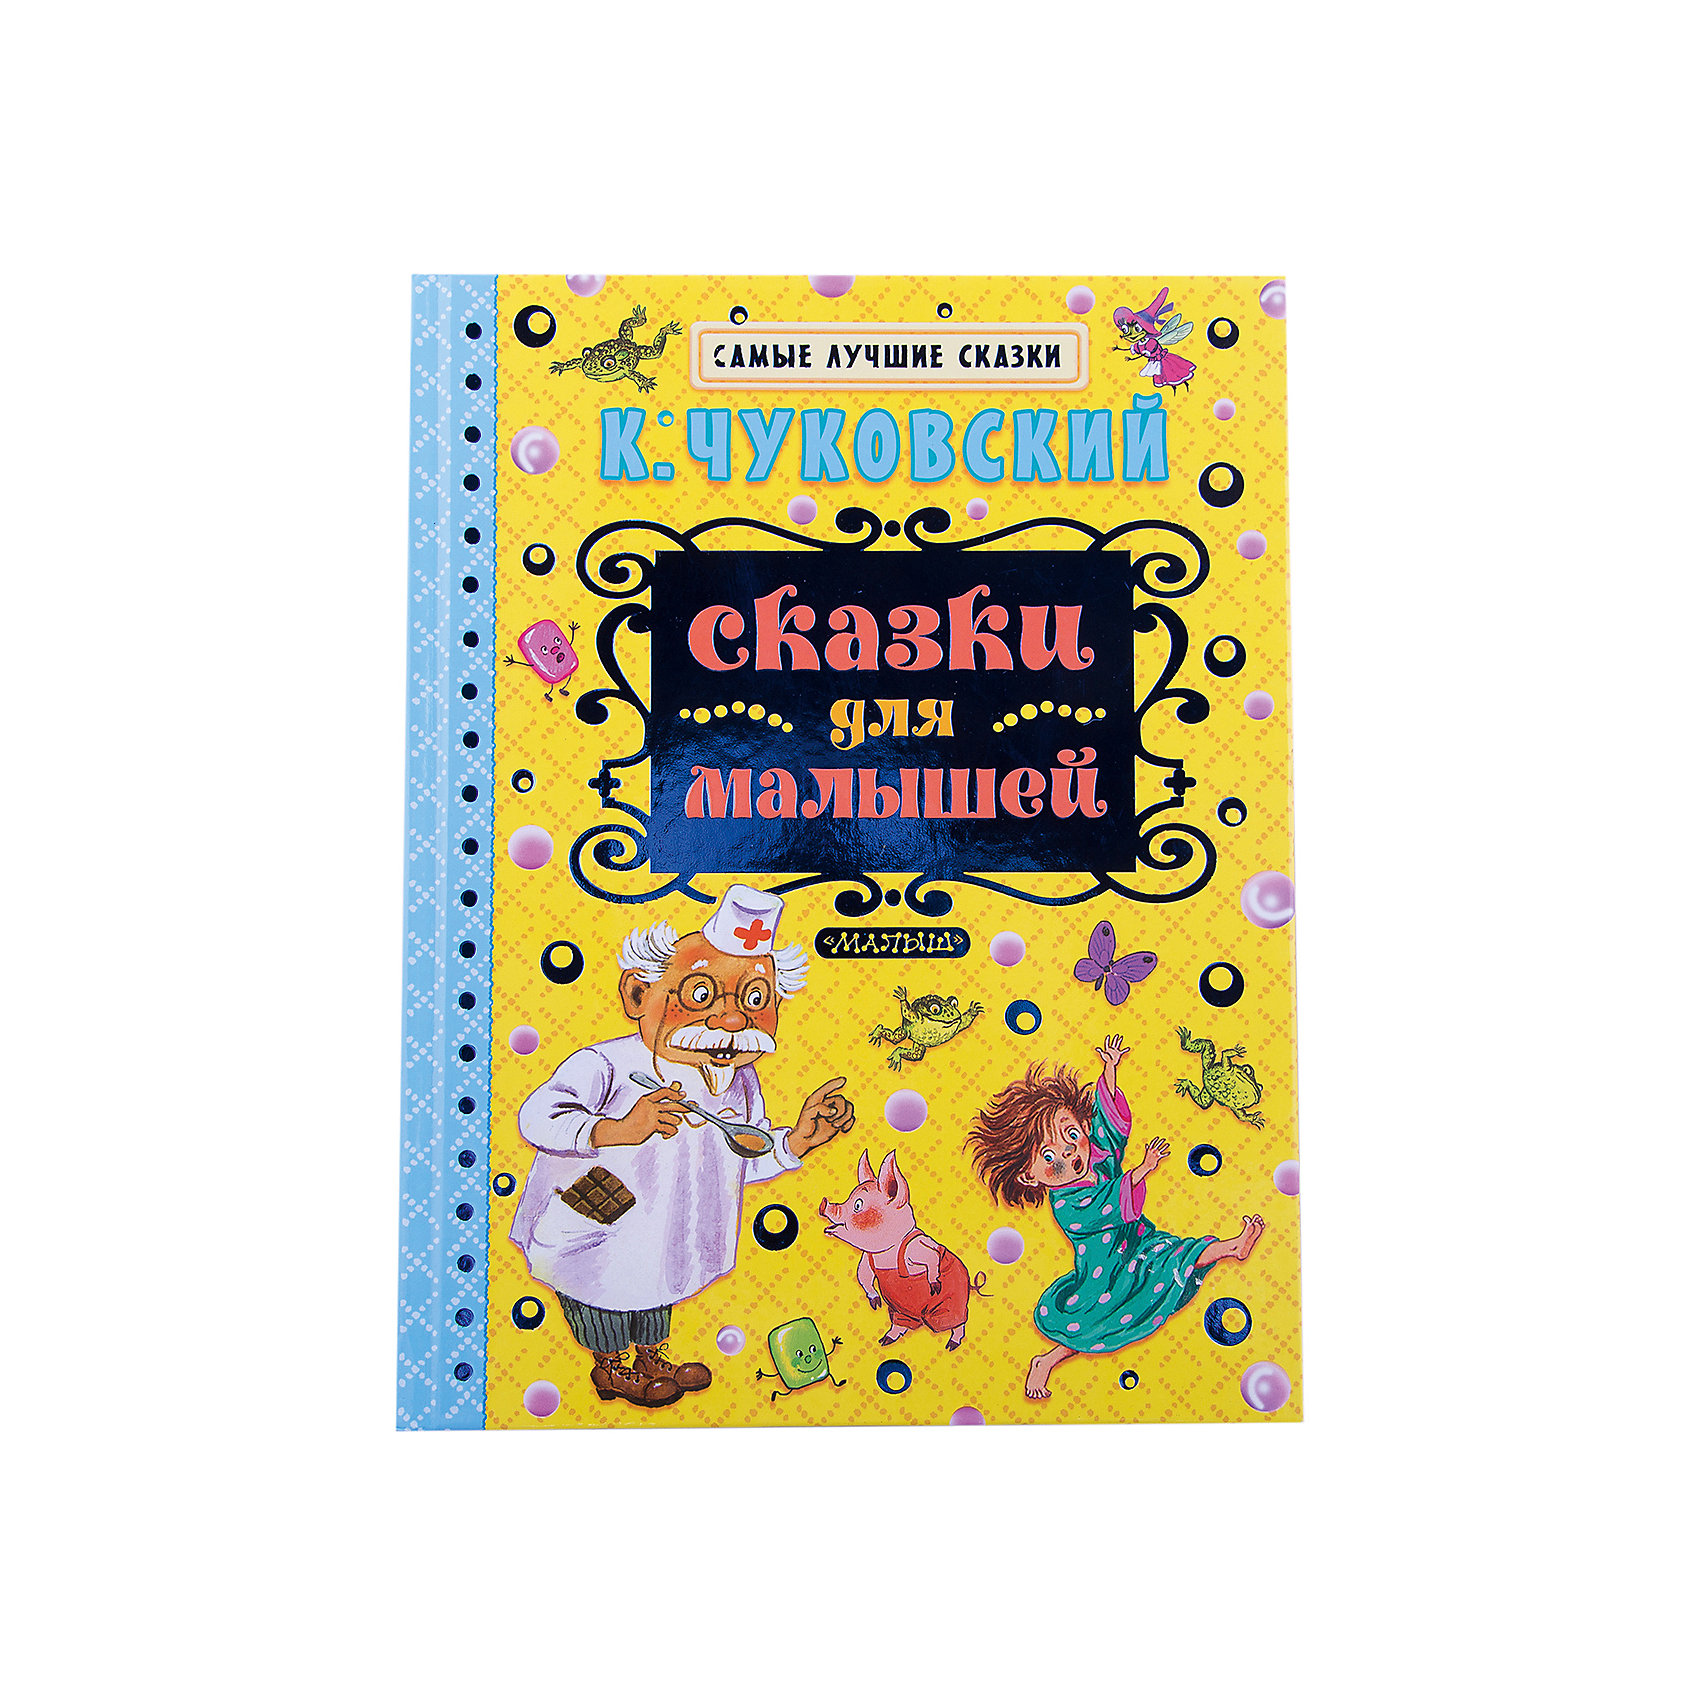 чуковский сказки для малышей издательство аст картинки